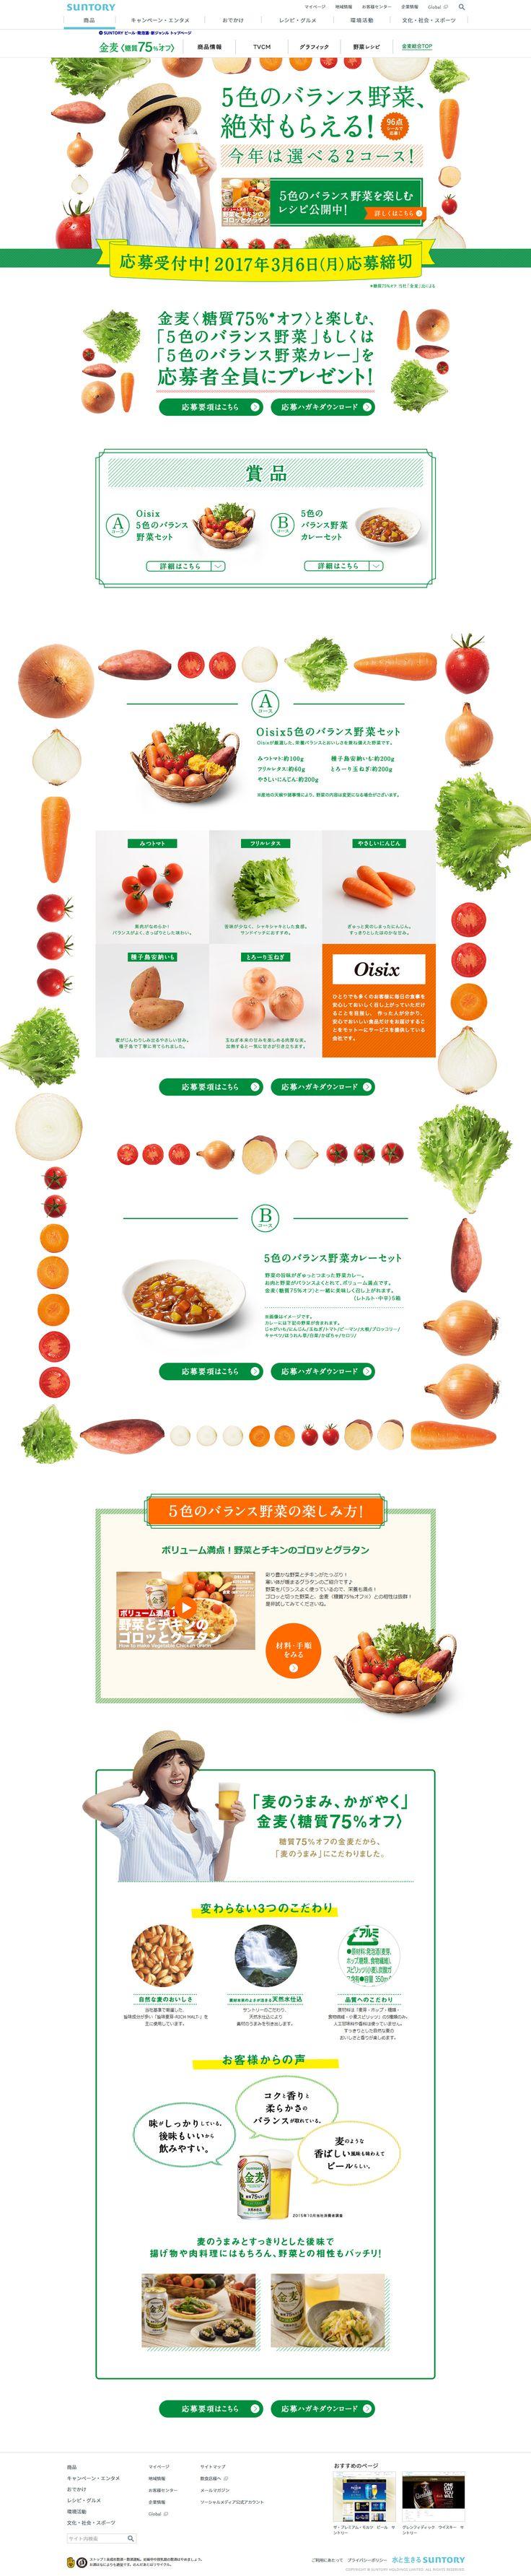 「5色のバランス野菜、絶対もらえる!」キャンペーン 今年は選べる2コース http://www.suntory.co.jp/beer/kinmugioff/campaign/index.html